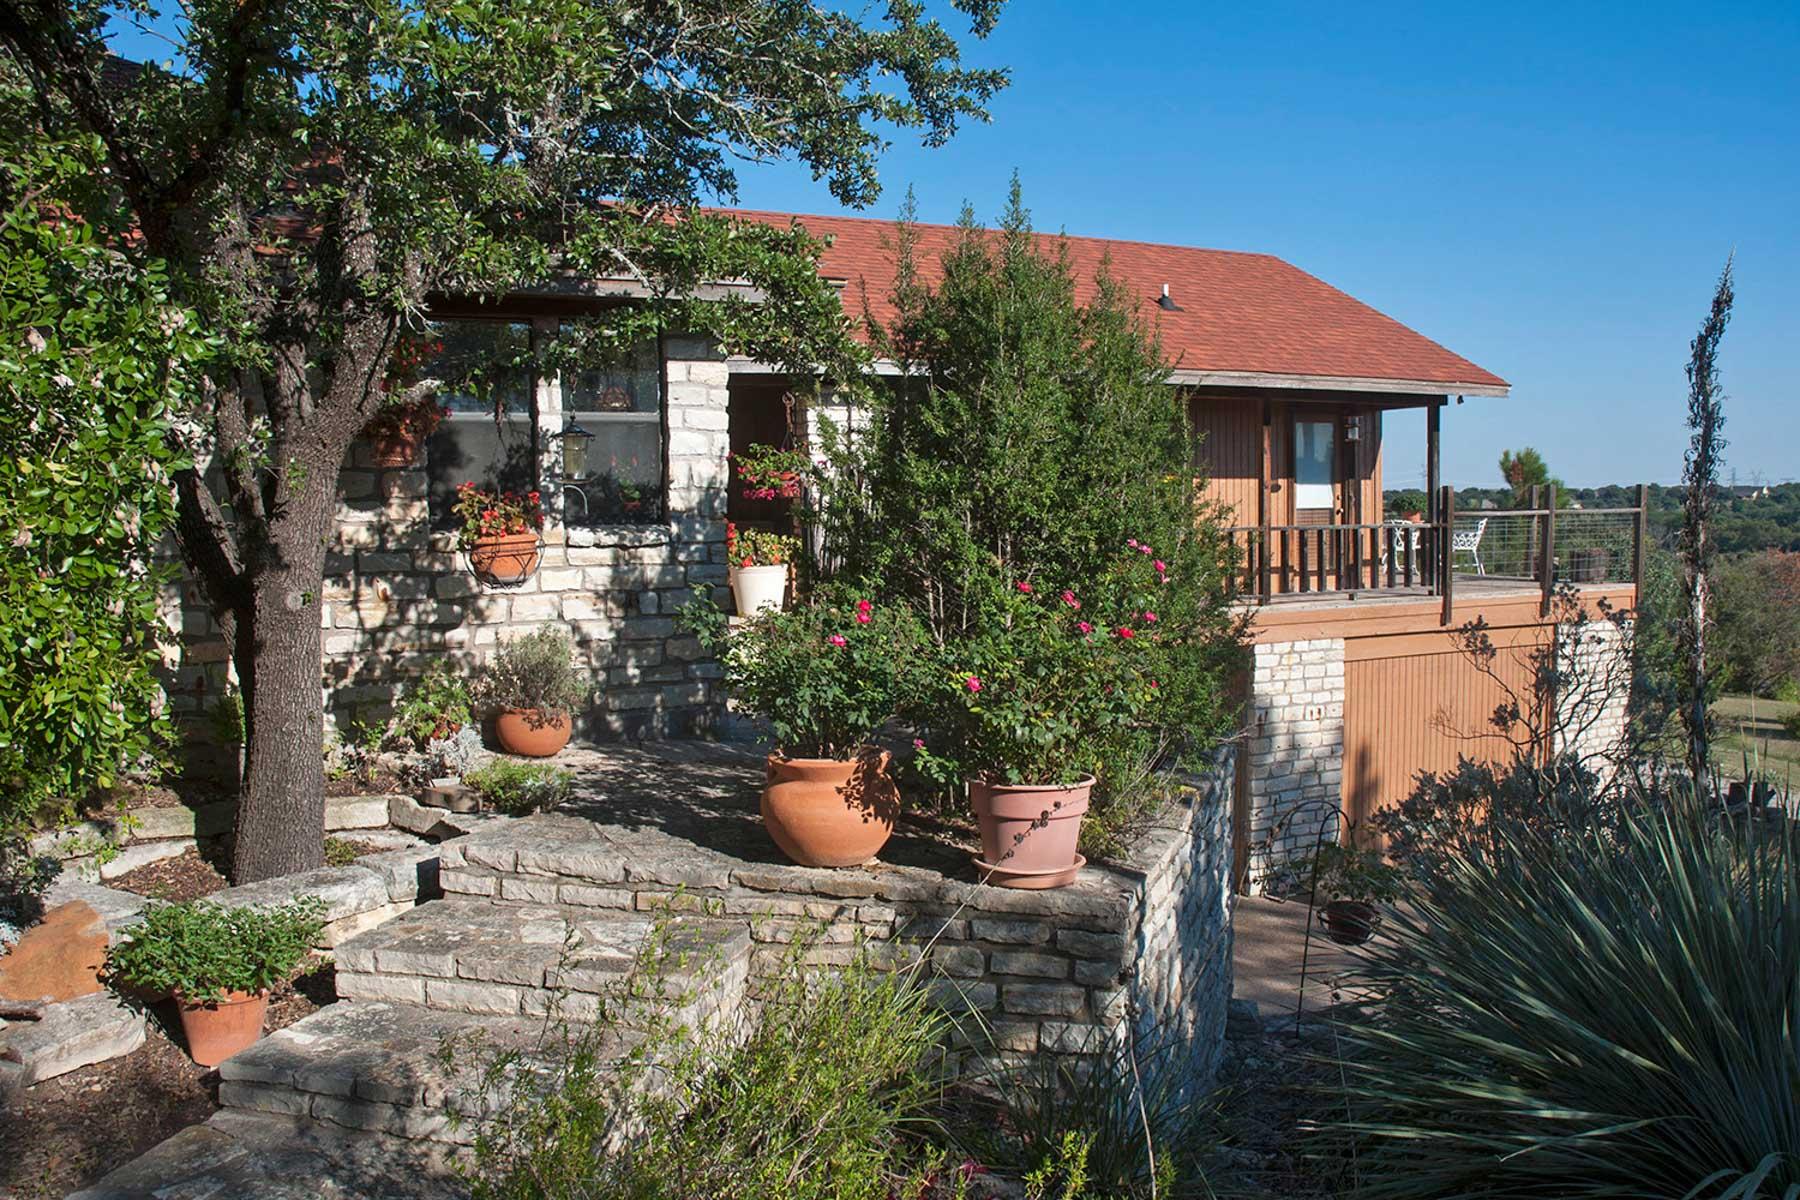 Casa Unifamiliar por un Venta en 112 Lake Circle Court, Weatherford 112 Lake Circle Ct Weatherford, Texas 76087 Estados Unidos